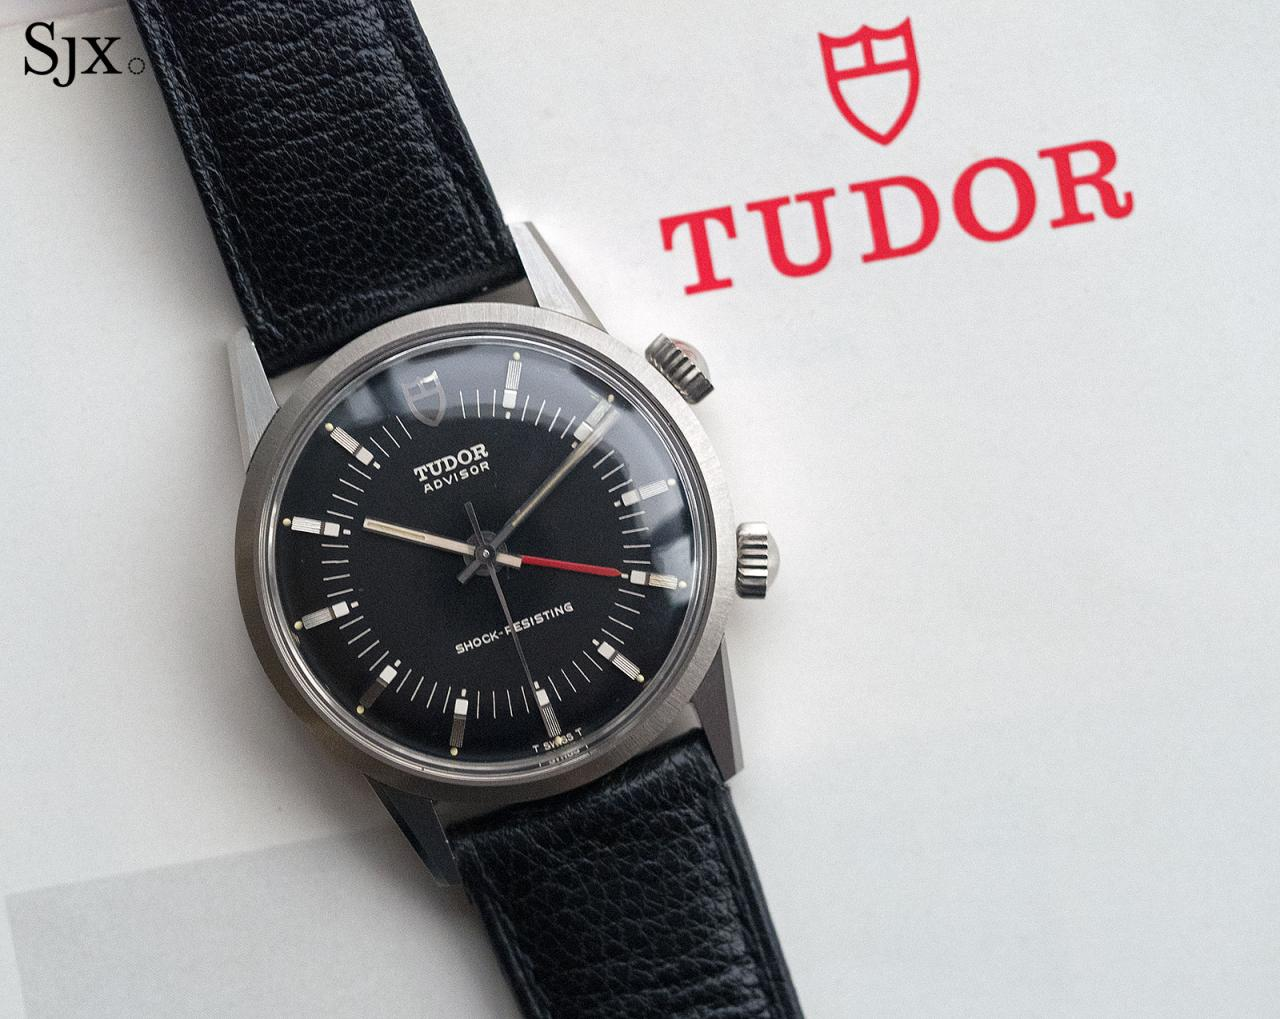 Tudor Advisor alarm ref. 10050 1